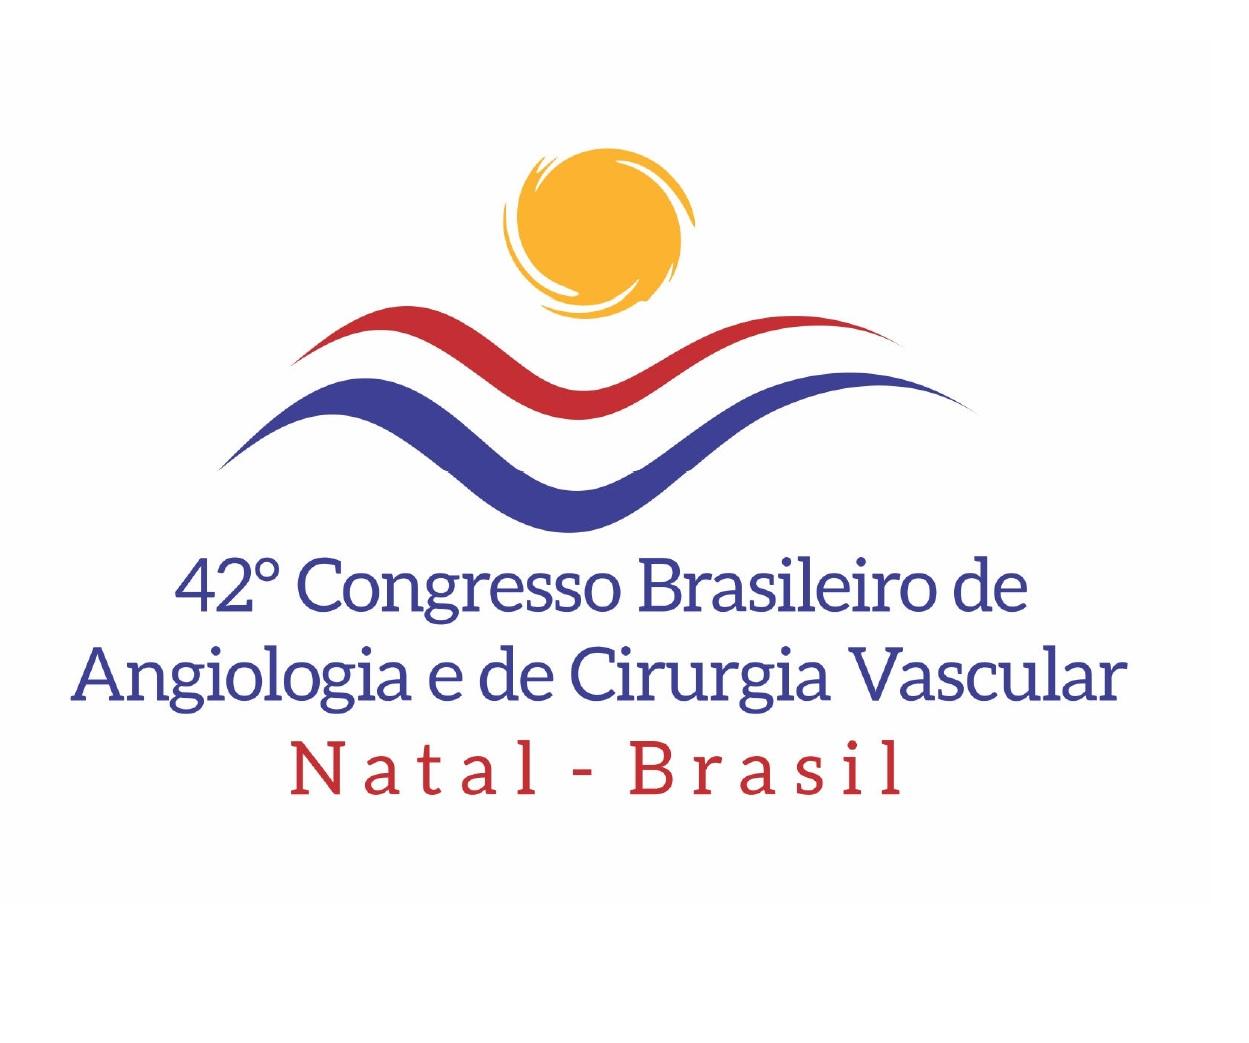 brasileiro_vascular_2017-65110678.jpg